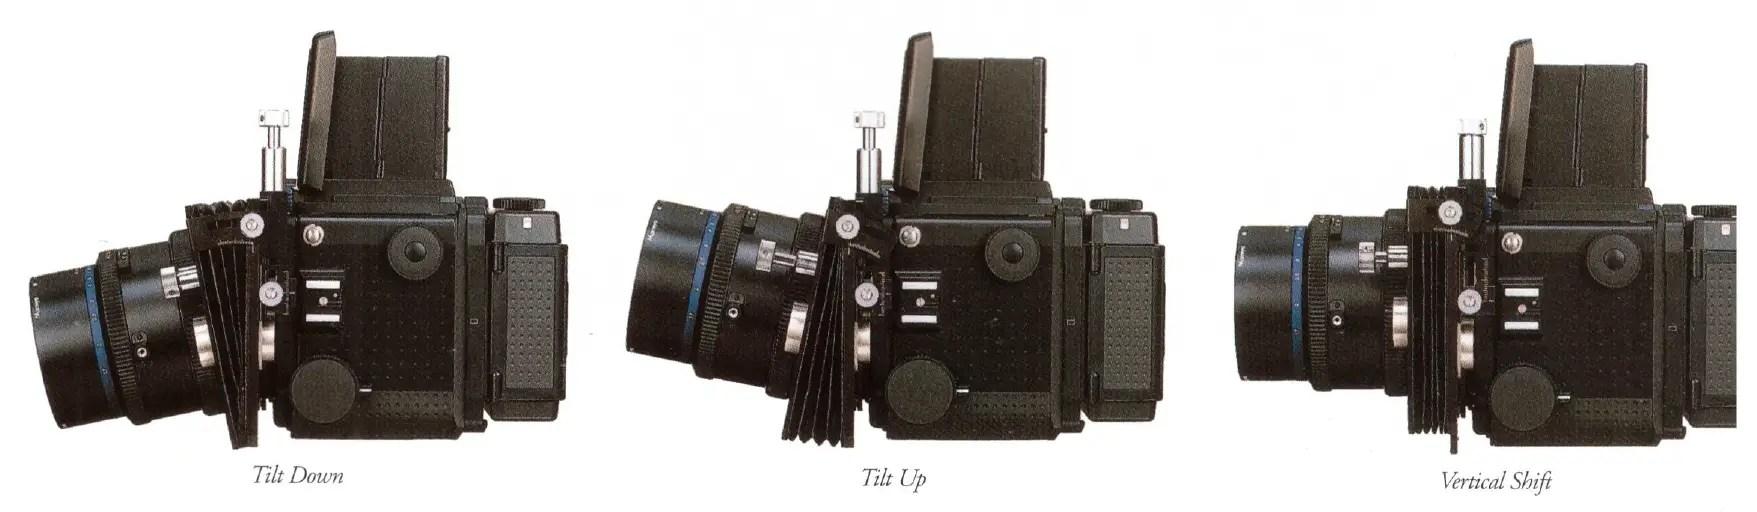 Mamiya RZ67 tilt-shift adapter and Mamiya Sekor M 180mm f/4.5L SB (Short Barrel) Tilt-Shift